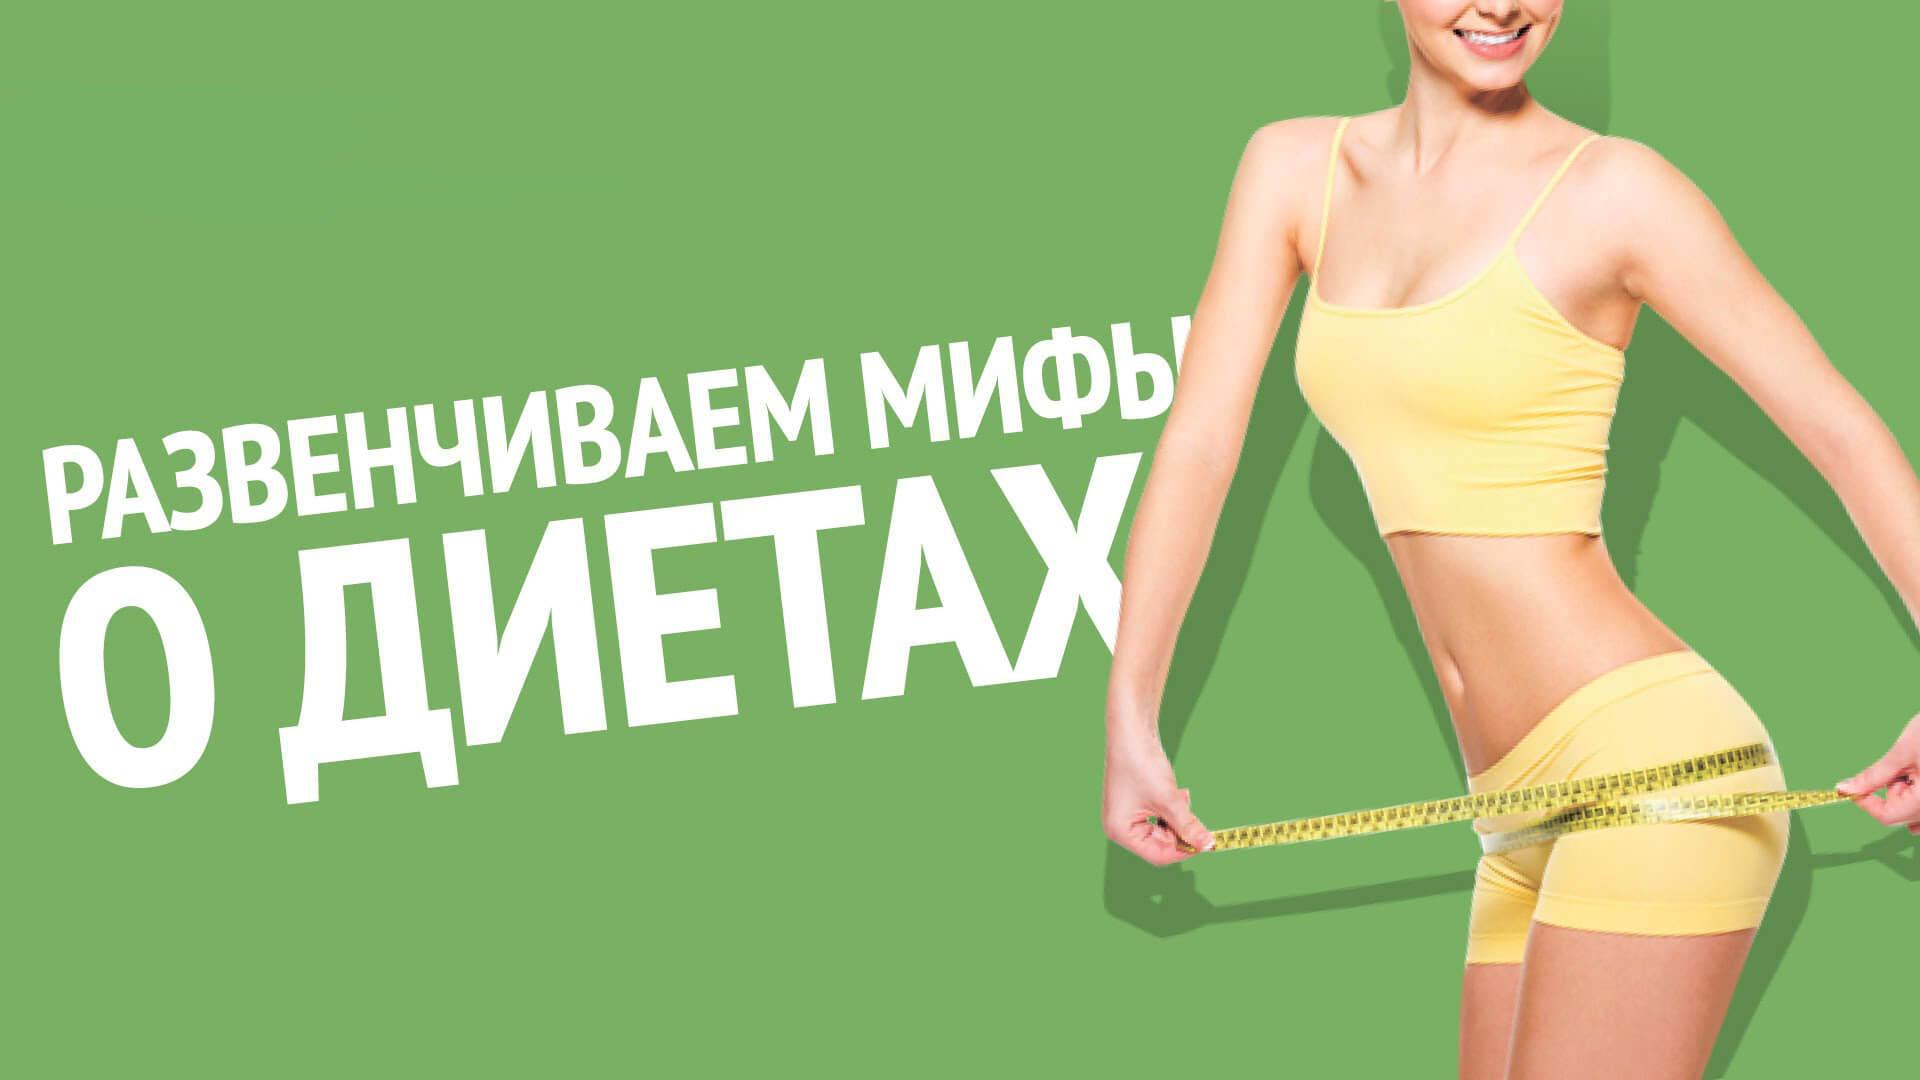 Похудение: мифы, реальность и ошибки худеющих